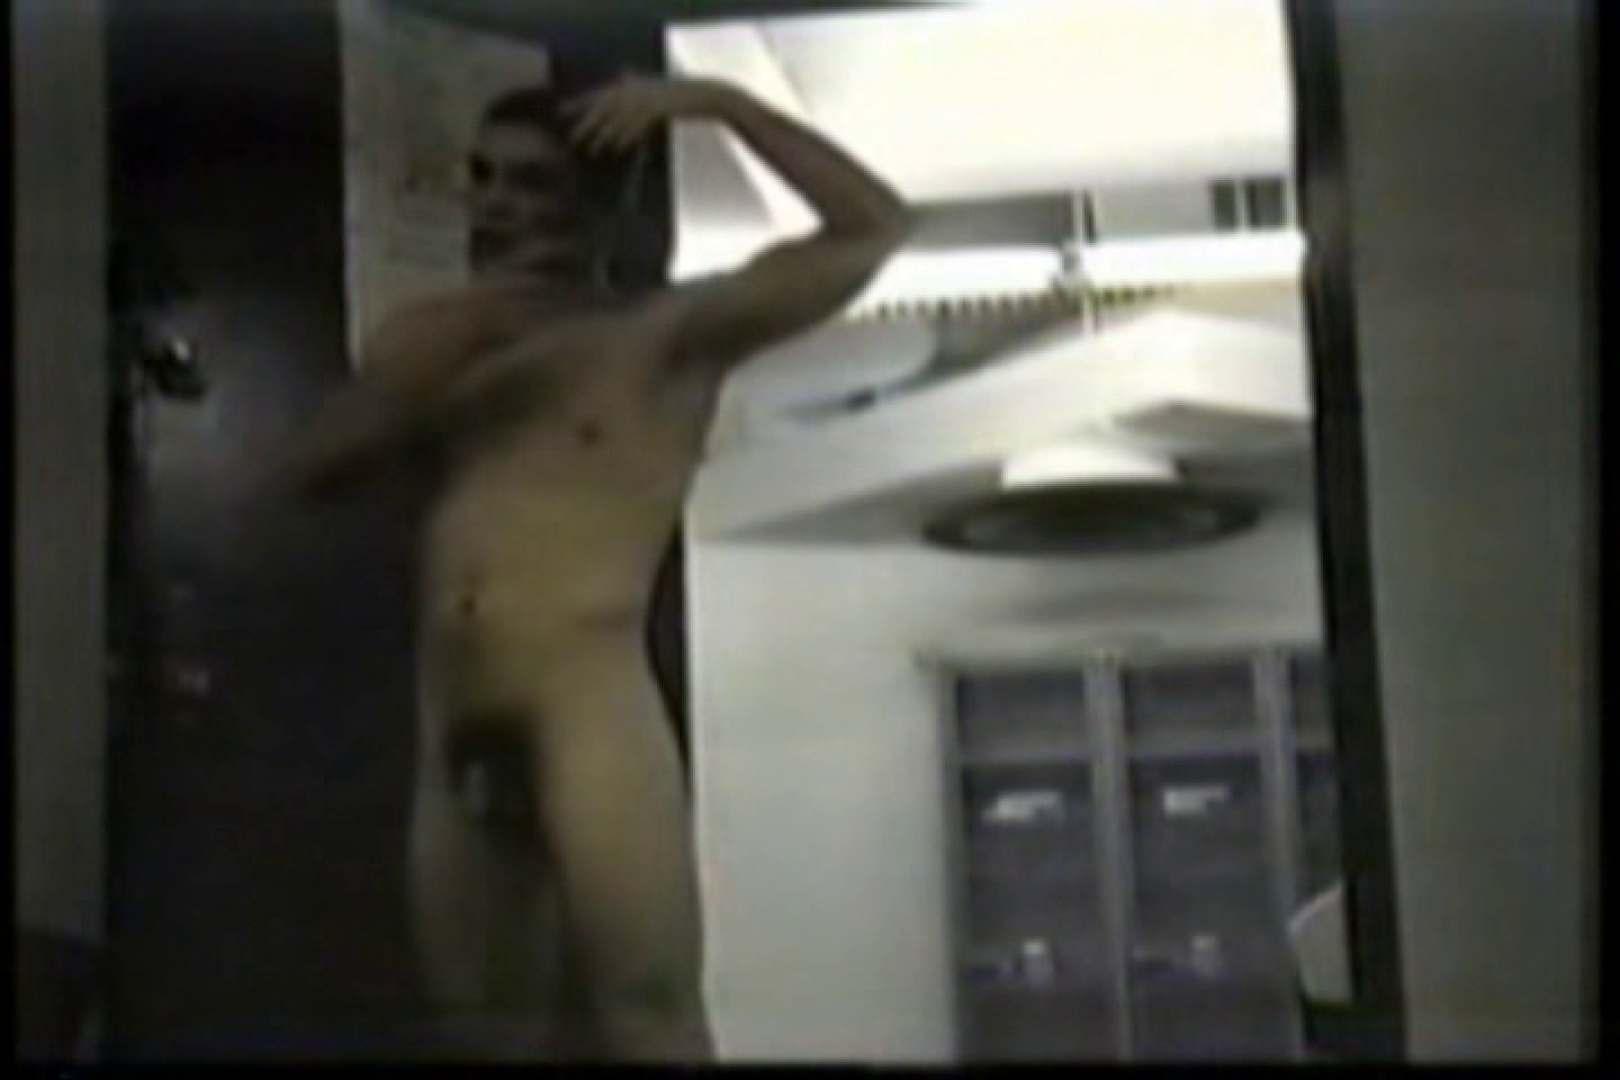 洋人さんの脱衣所を覗いてみました。VOL.7 完全無修正でお届け | ガチムチマッチョ系  95pic 14